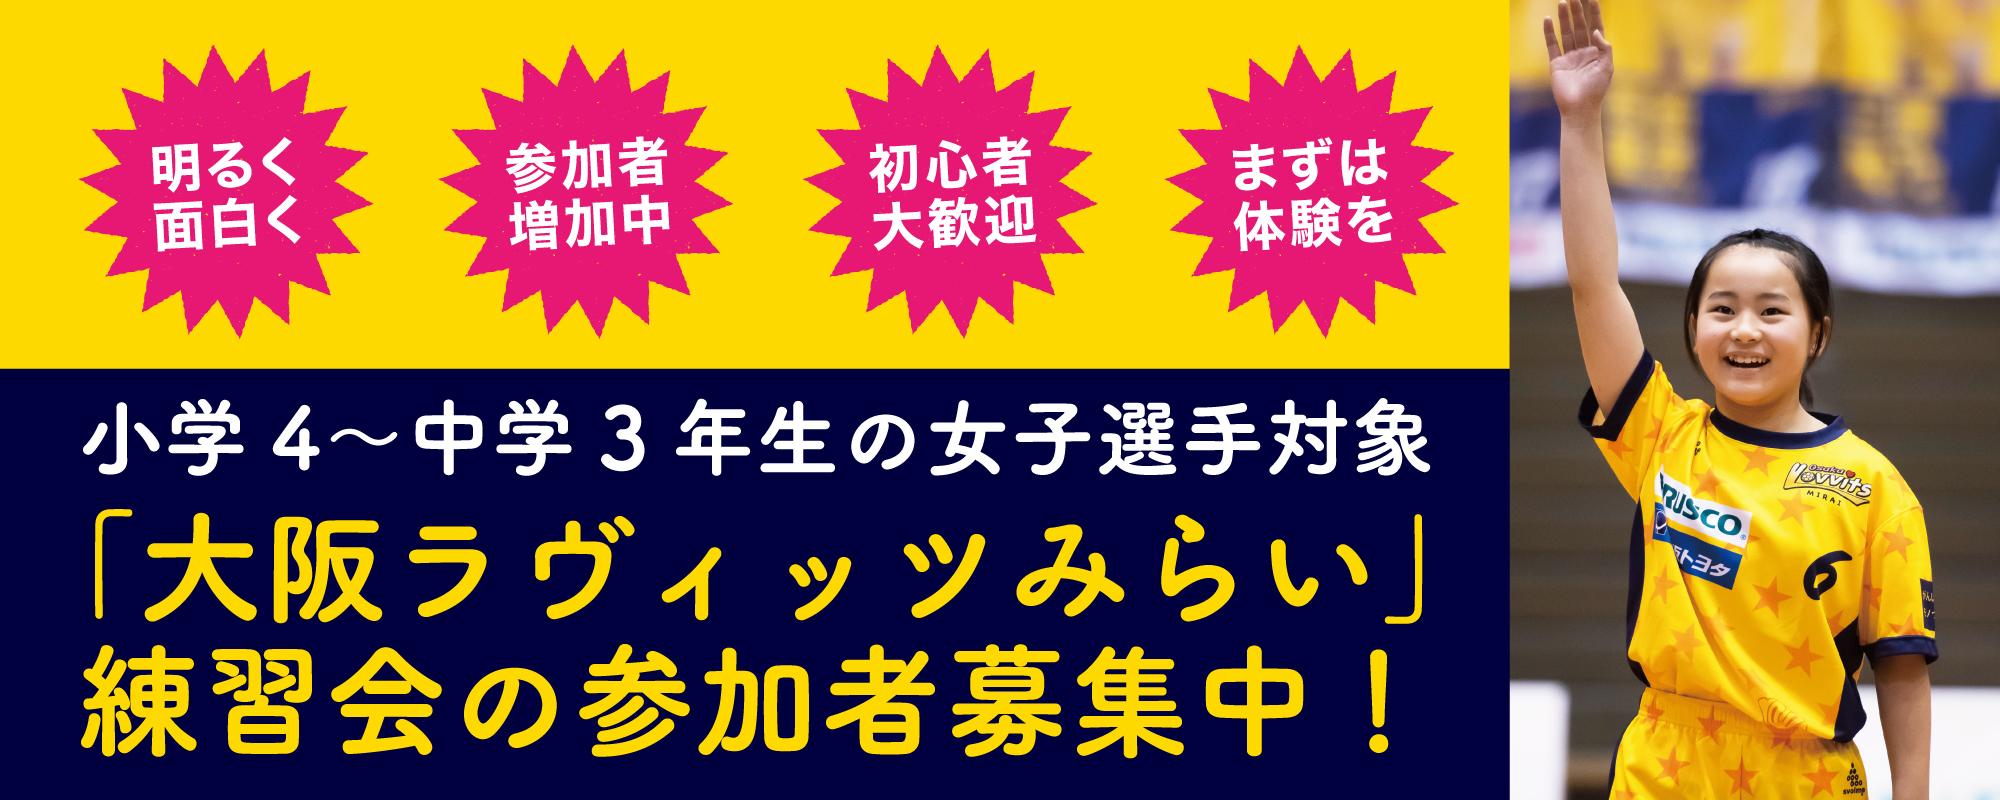 「大阪ラヴィッツみらい」の練習会メンバーを募集します。